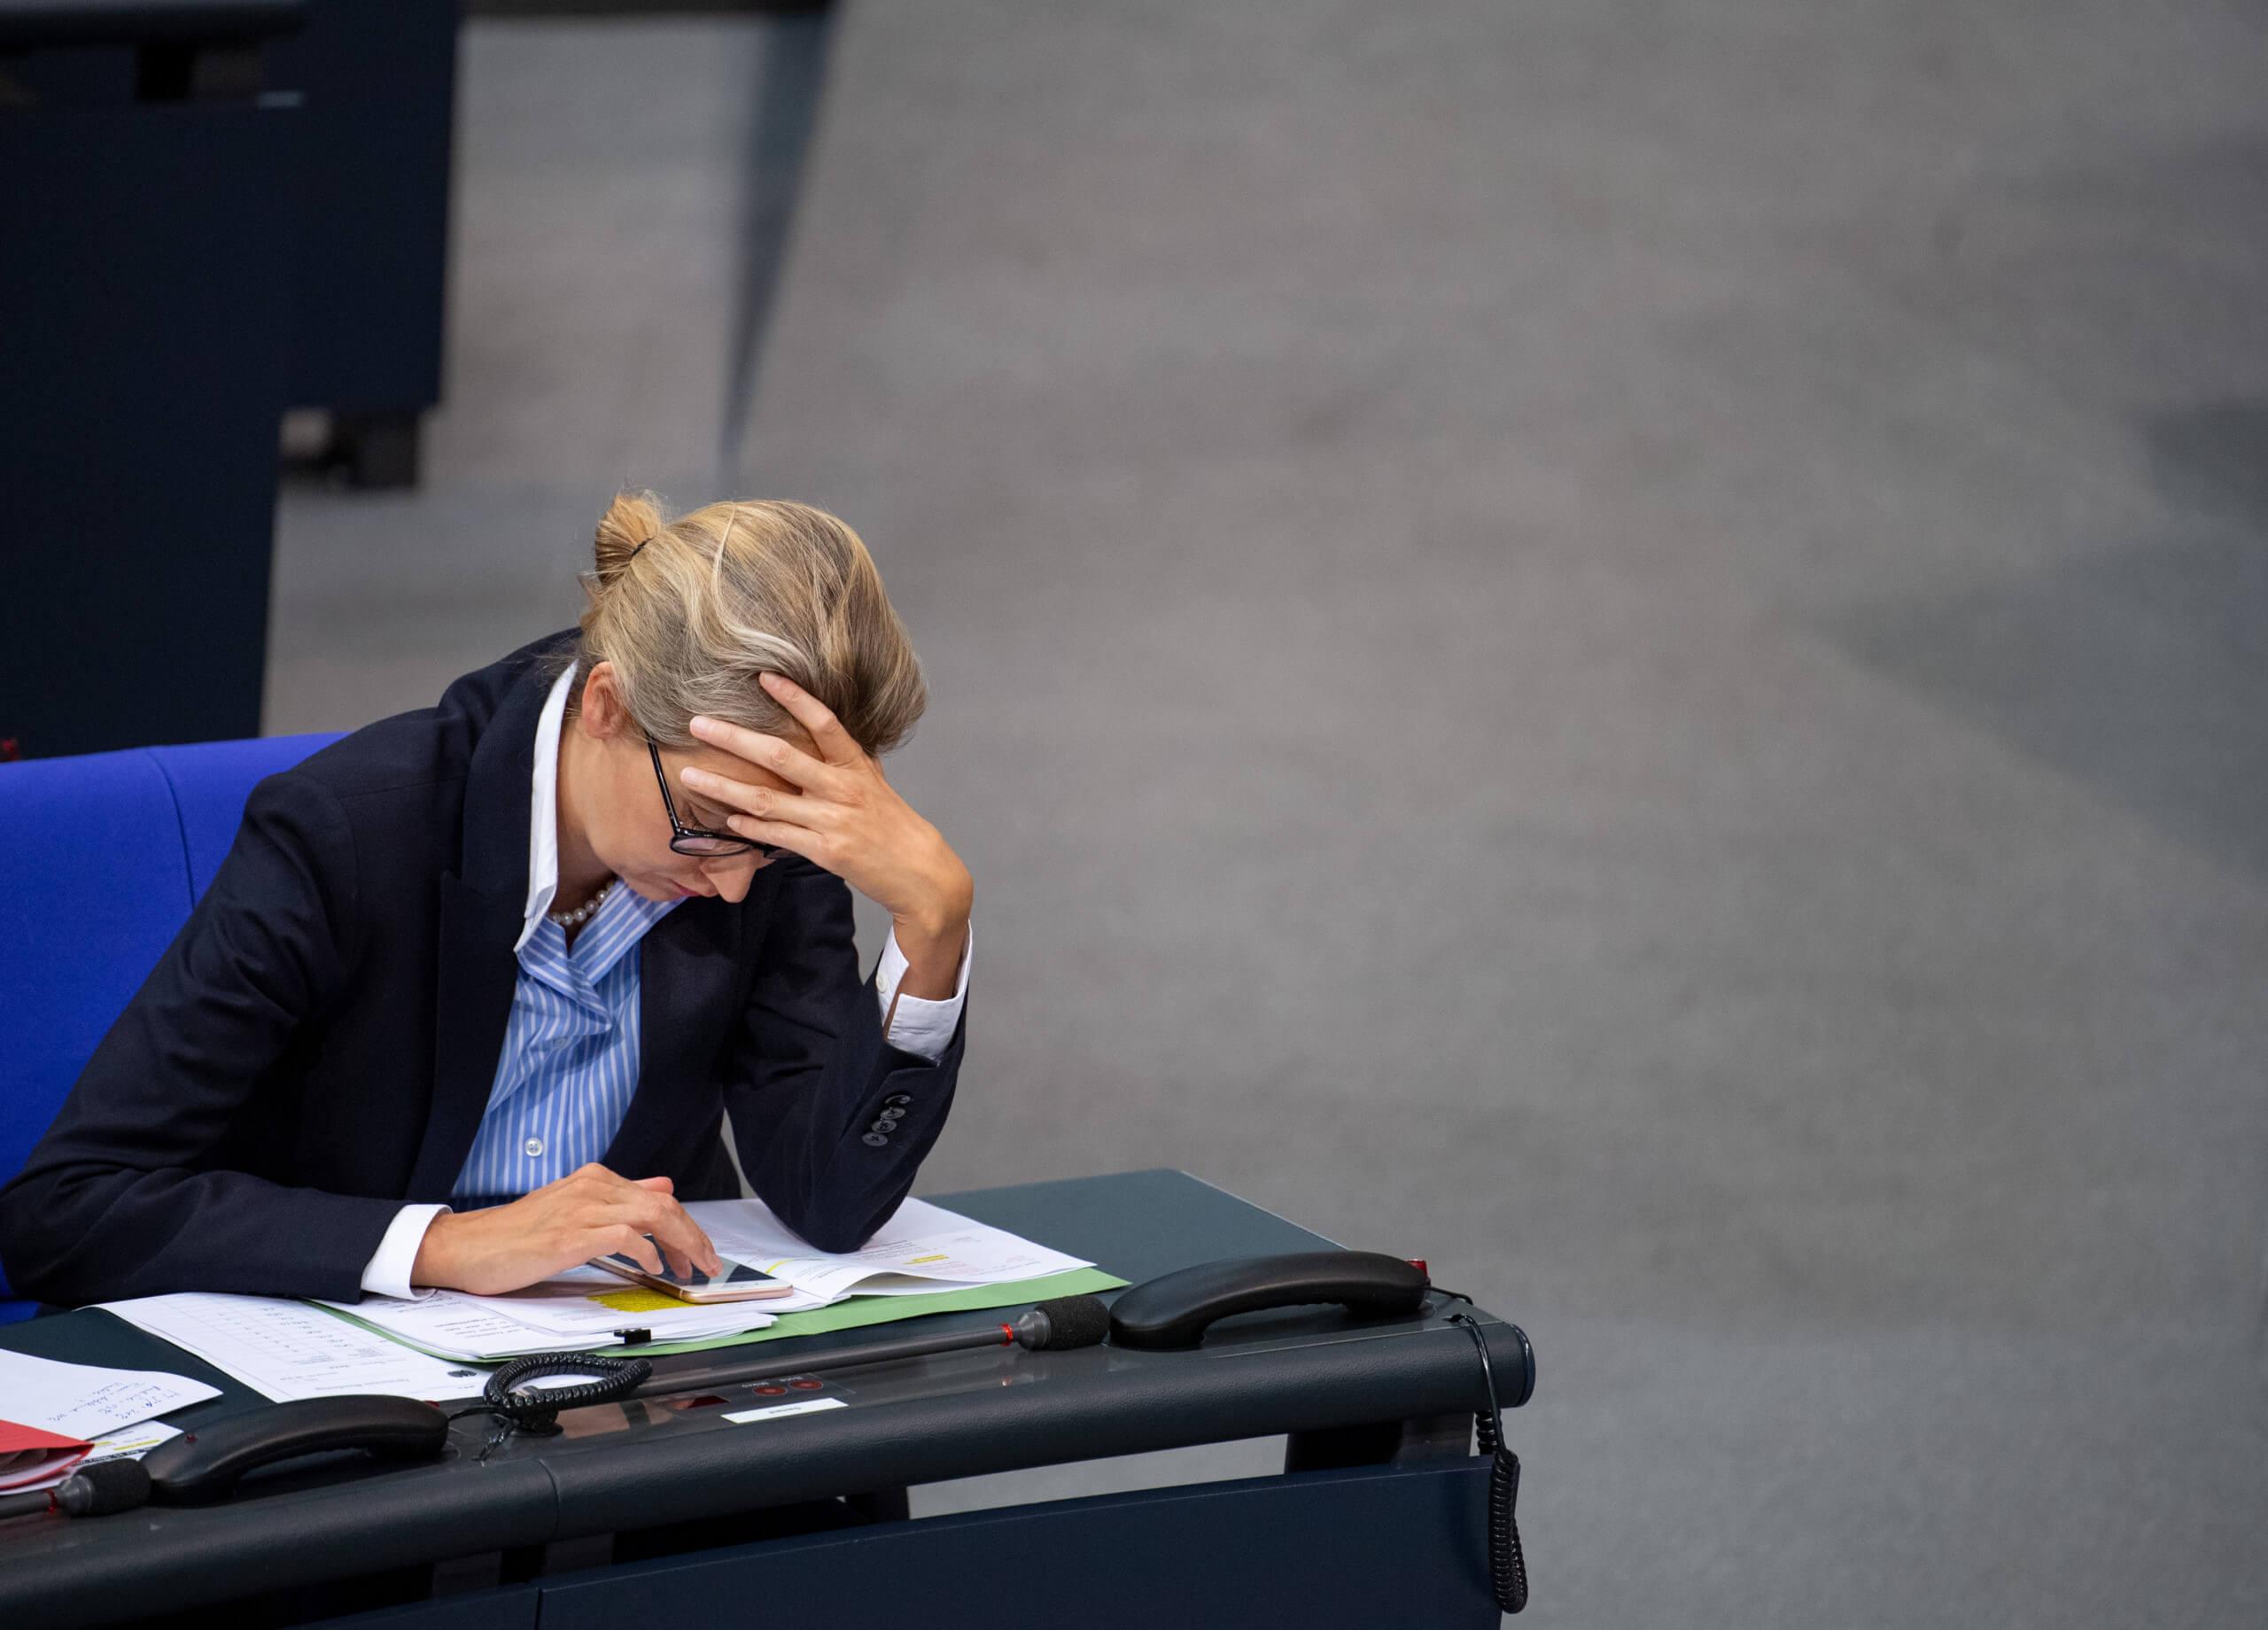 Weidel-Kreisverband überwies Geld an umstrittenen Berater